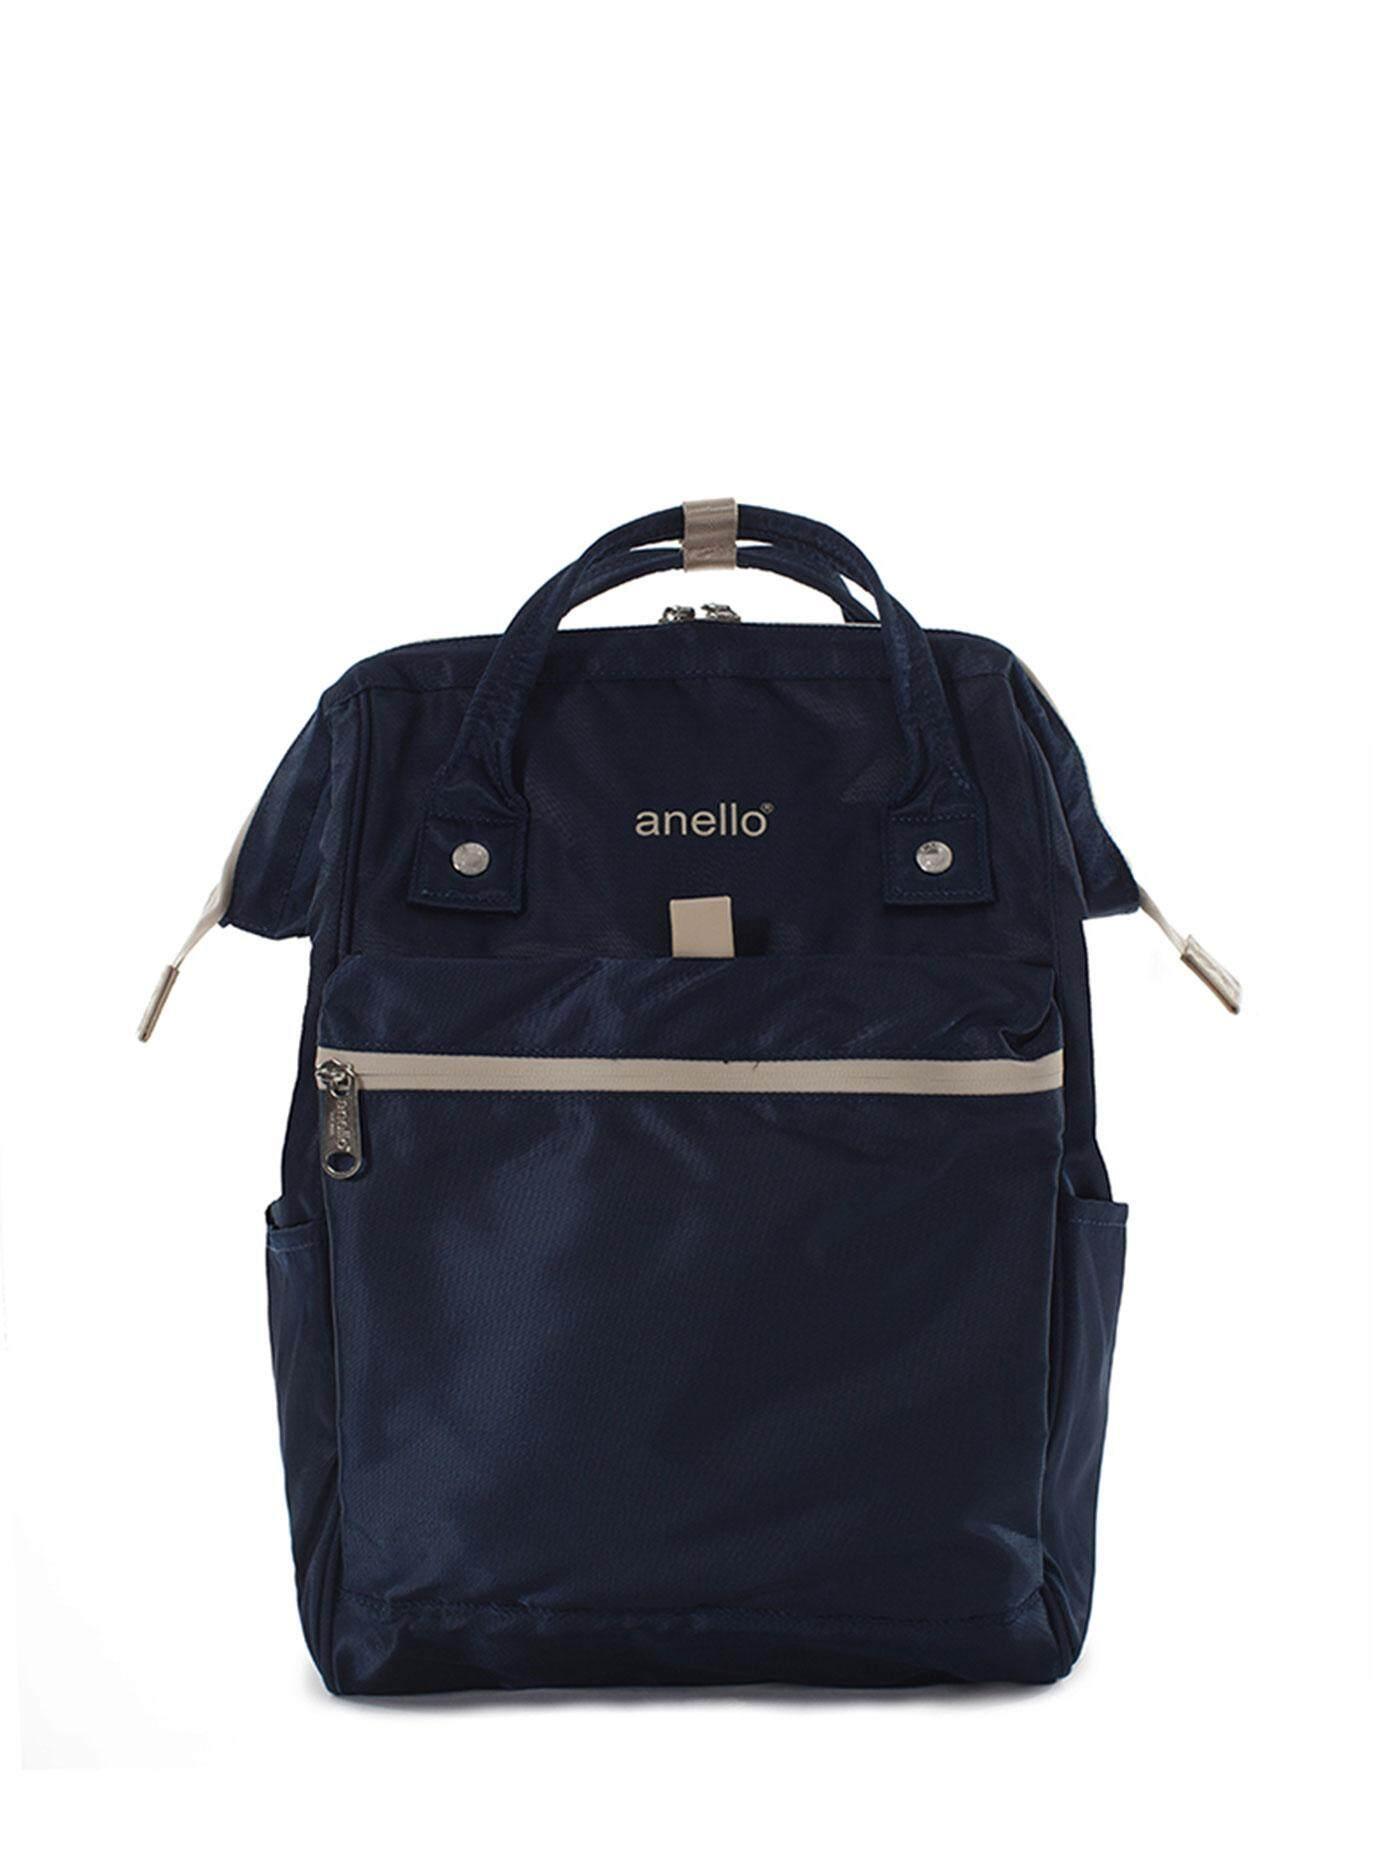 สินเชื่อบุคคลซิตี้  ชัยนาท ANELLO กระเป๋าผู้ชาย กระเป๋าเป้ รุ่น FSO-B023-NV สีน้ำเงิน